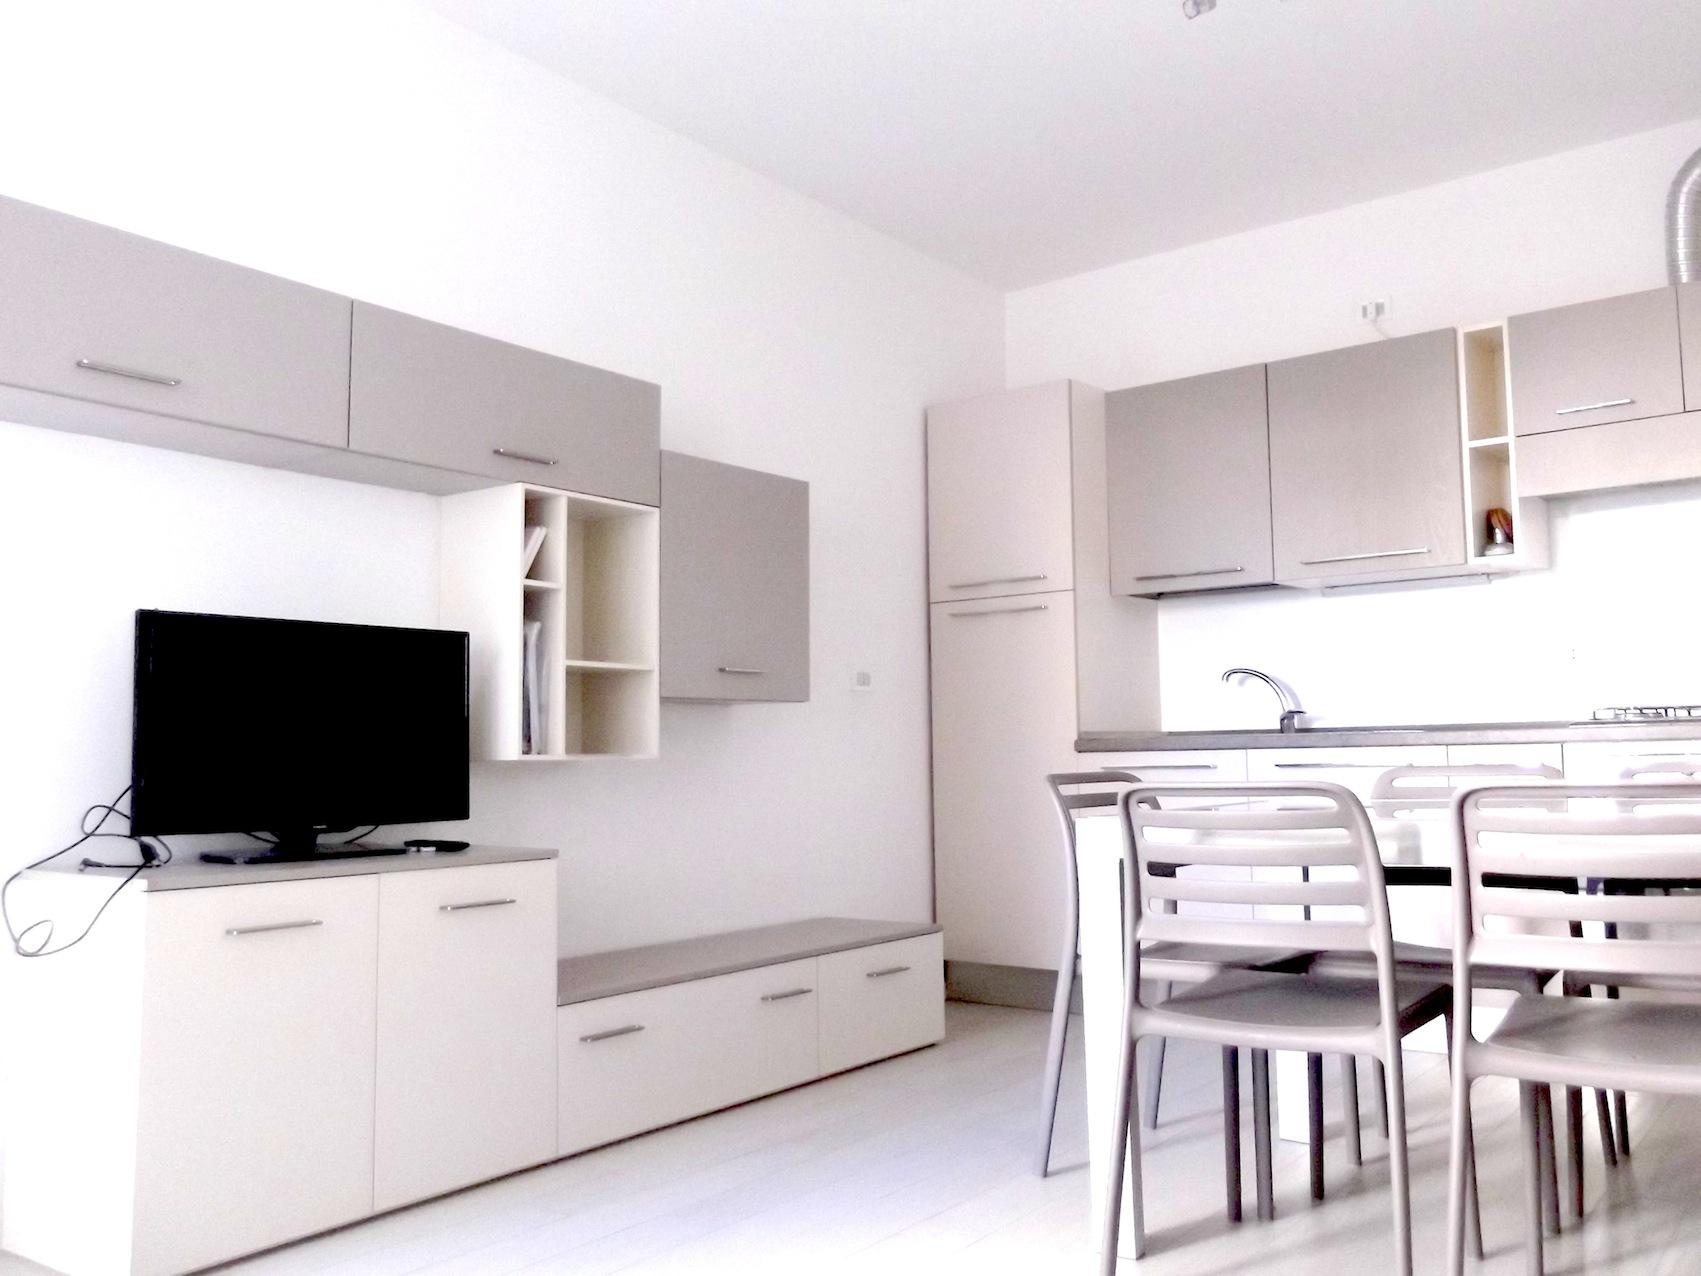 RICCIONE ABISSINIA, Appartamento in affitto stagionale con giardino